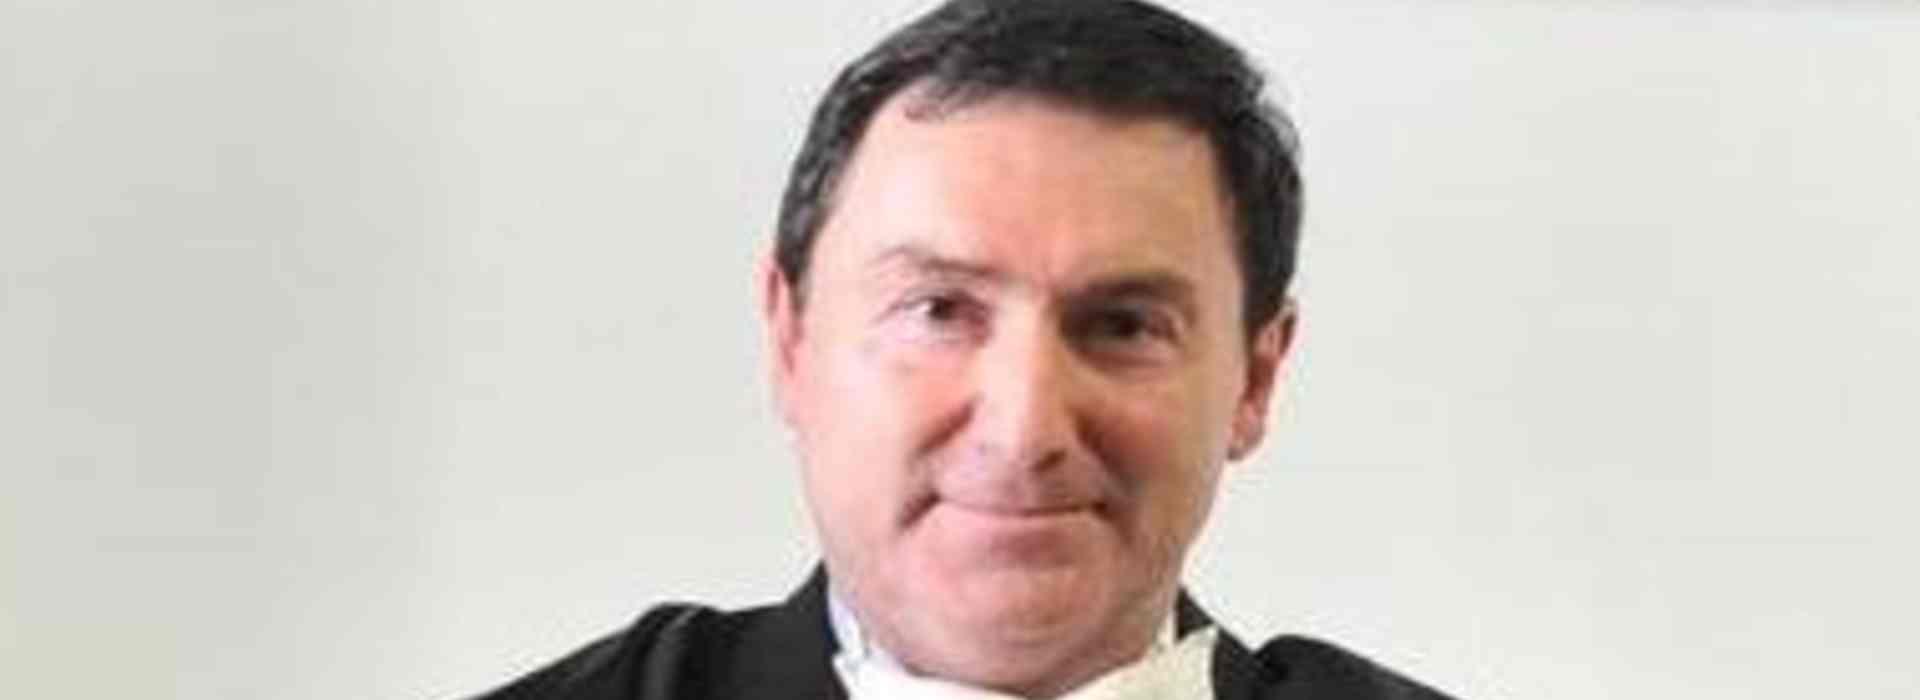 Giustizia, storia di un Tribunale (Chieti), di un Presidente e di un fratello delegato alle vendite immobiliari